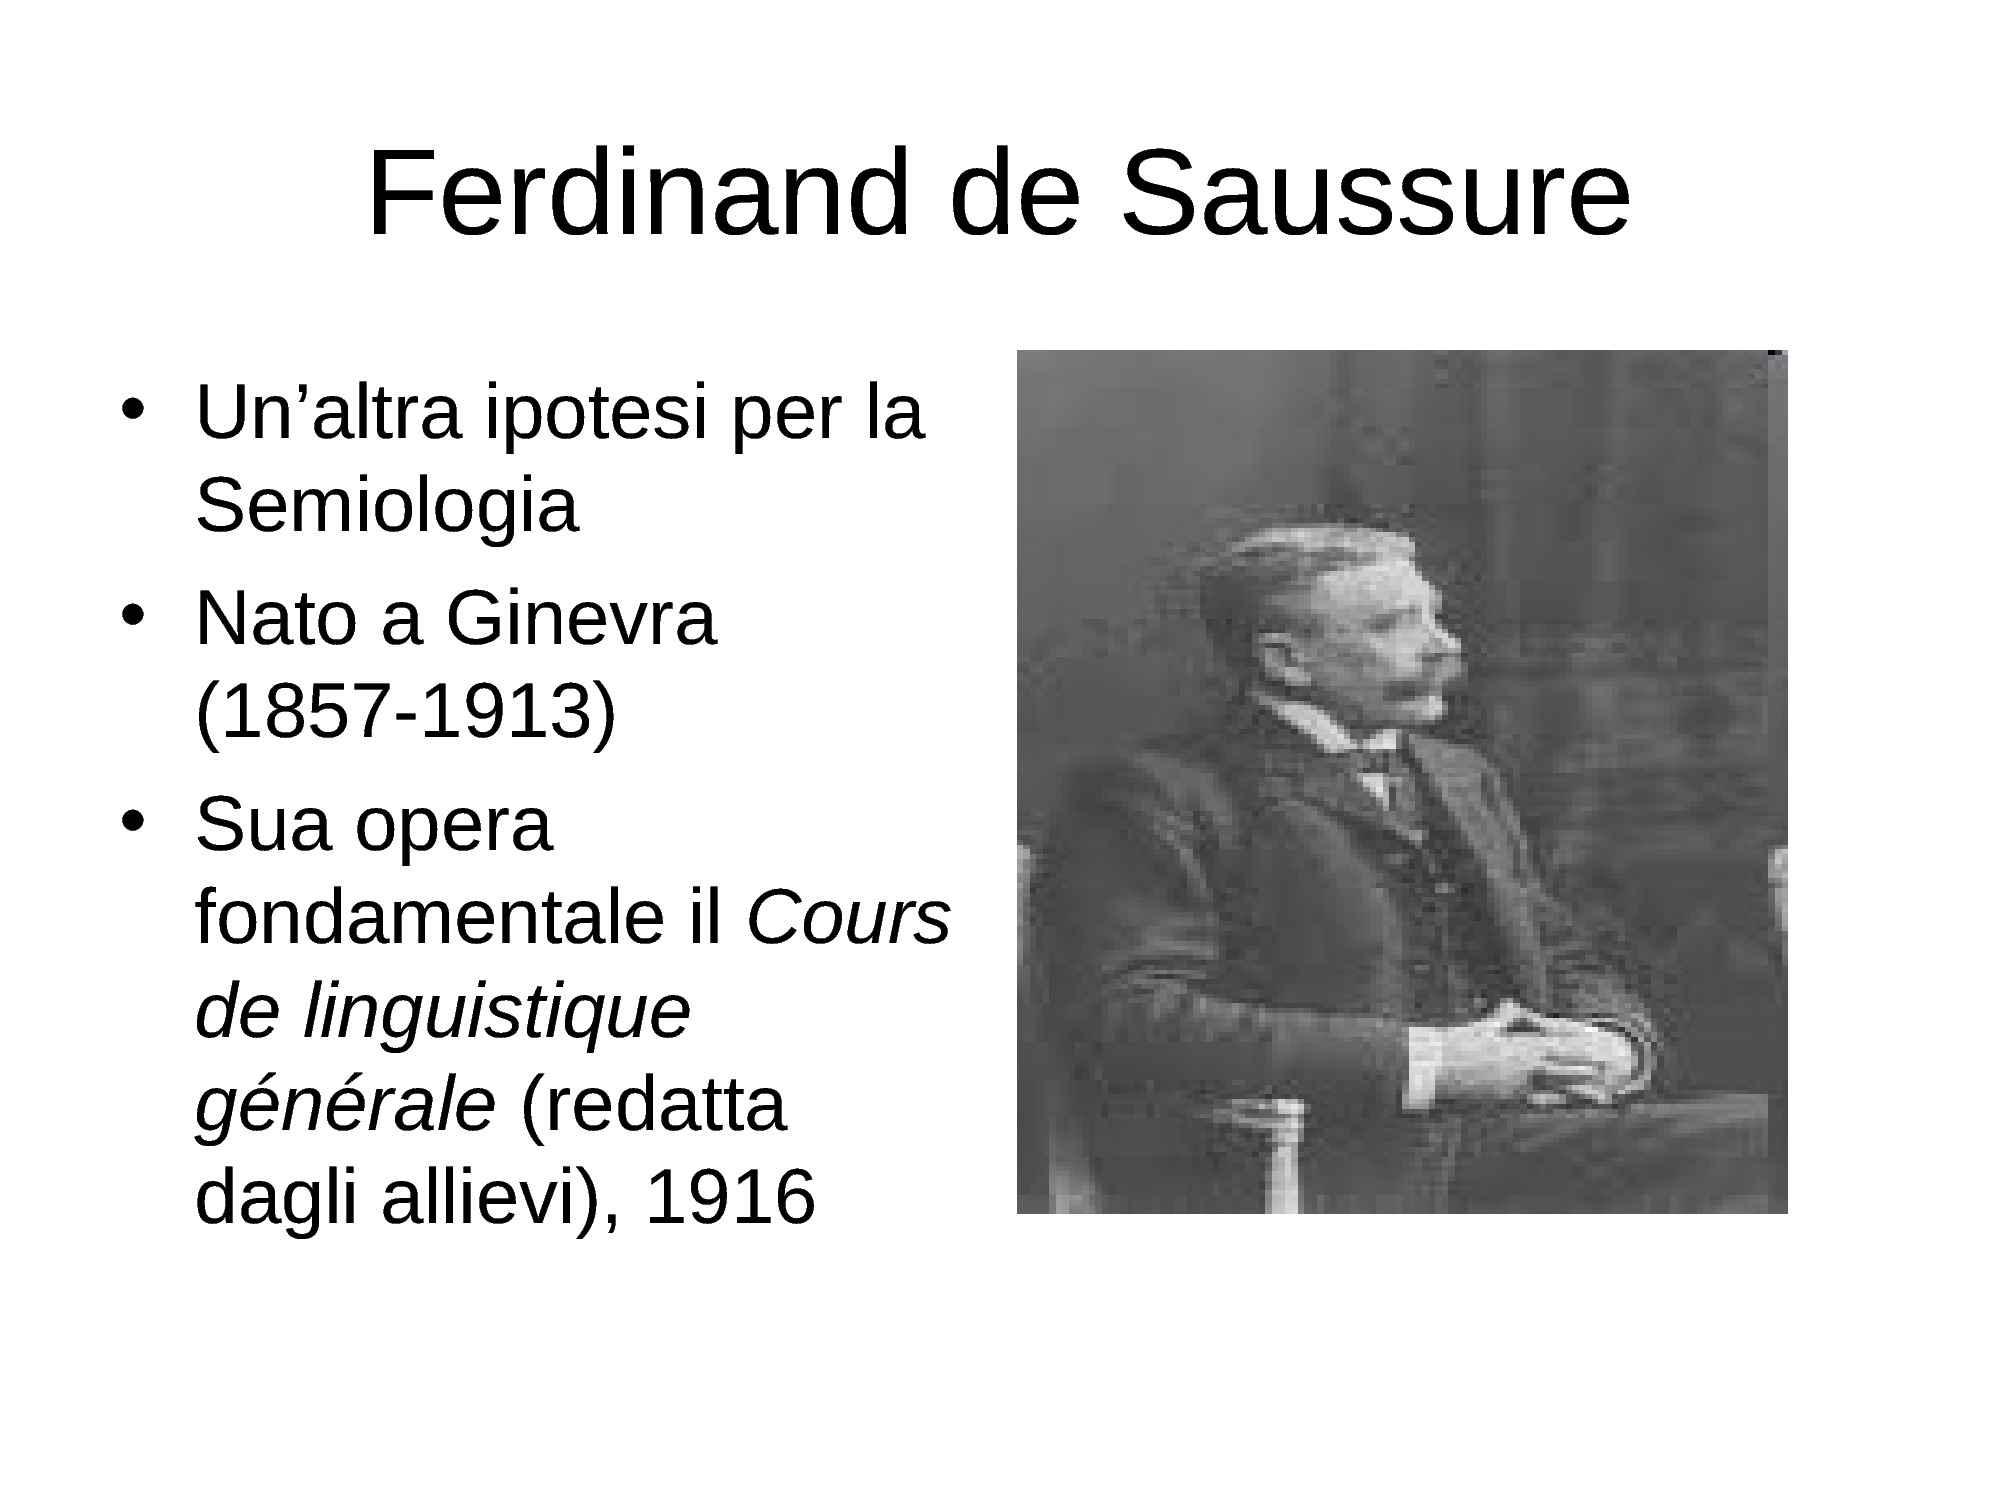 De Saussure, Ferdinand